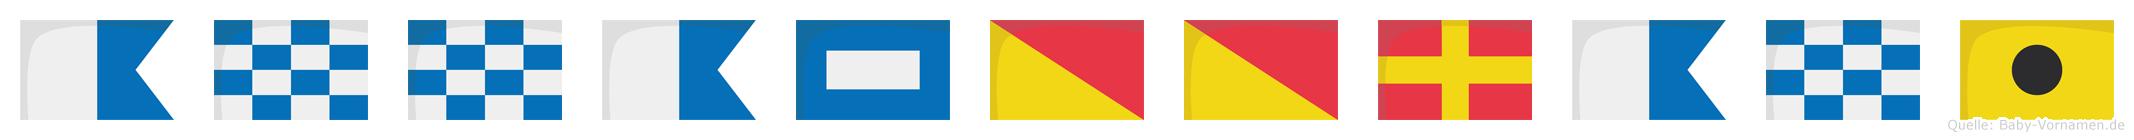 Annapoorani im Flaggenalphabet